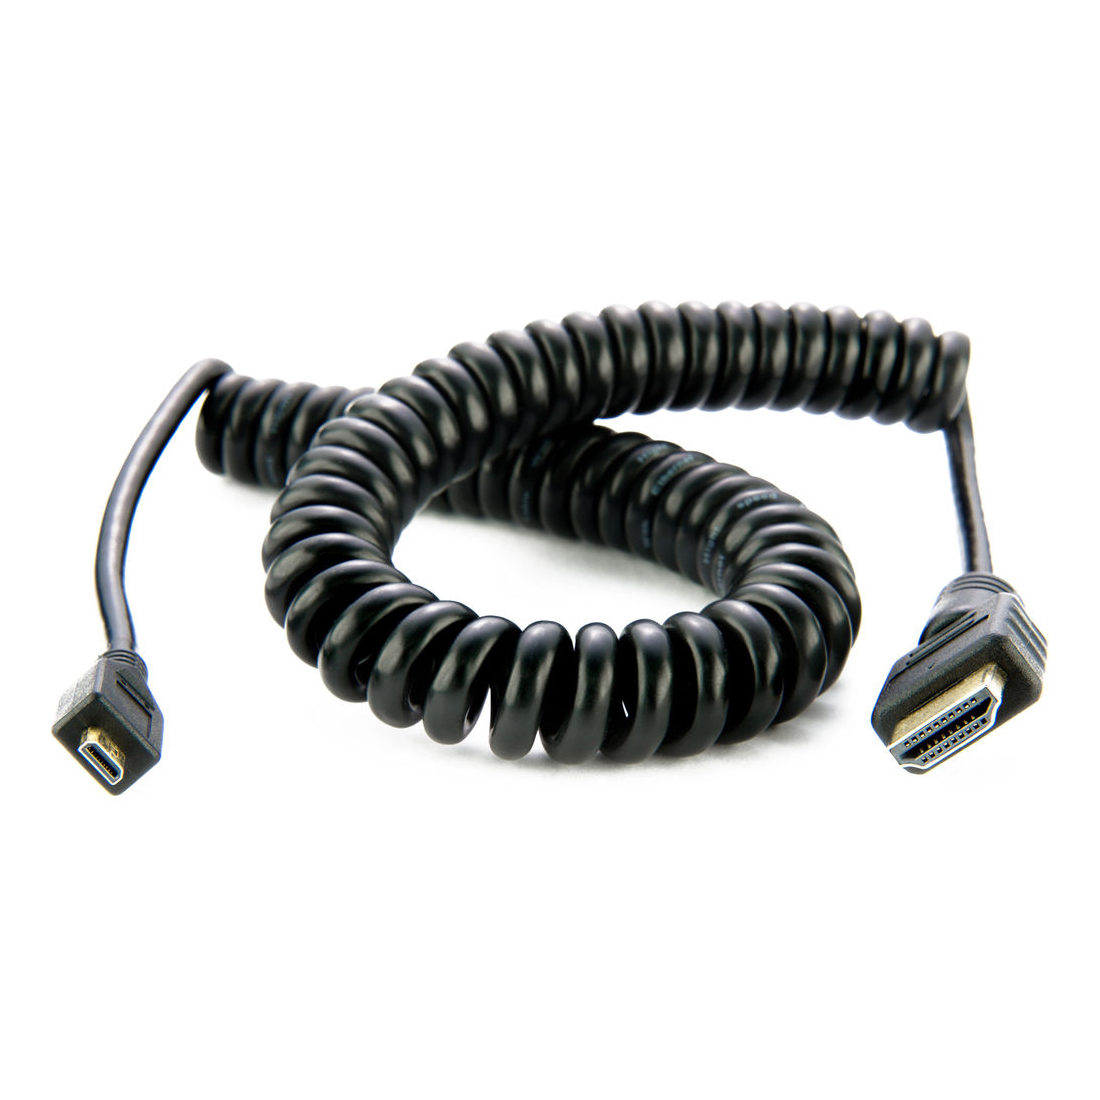 Foto van Atomos Full HDMI - Micro HDMI-kabel 40cm 4K60p Coiled